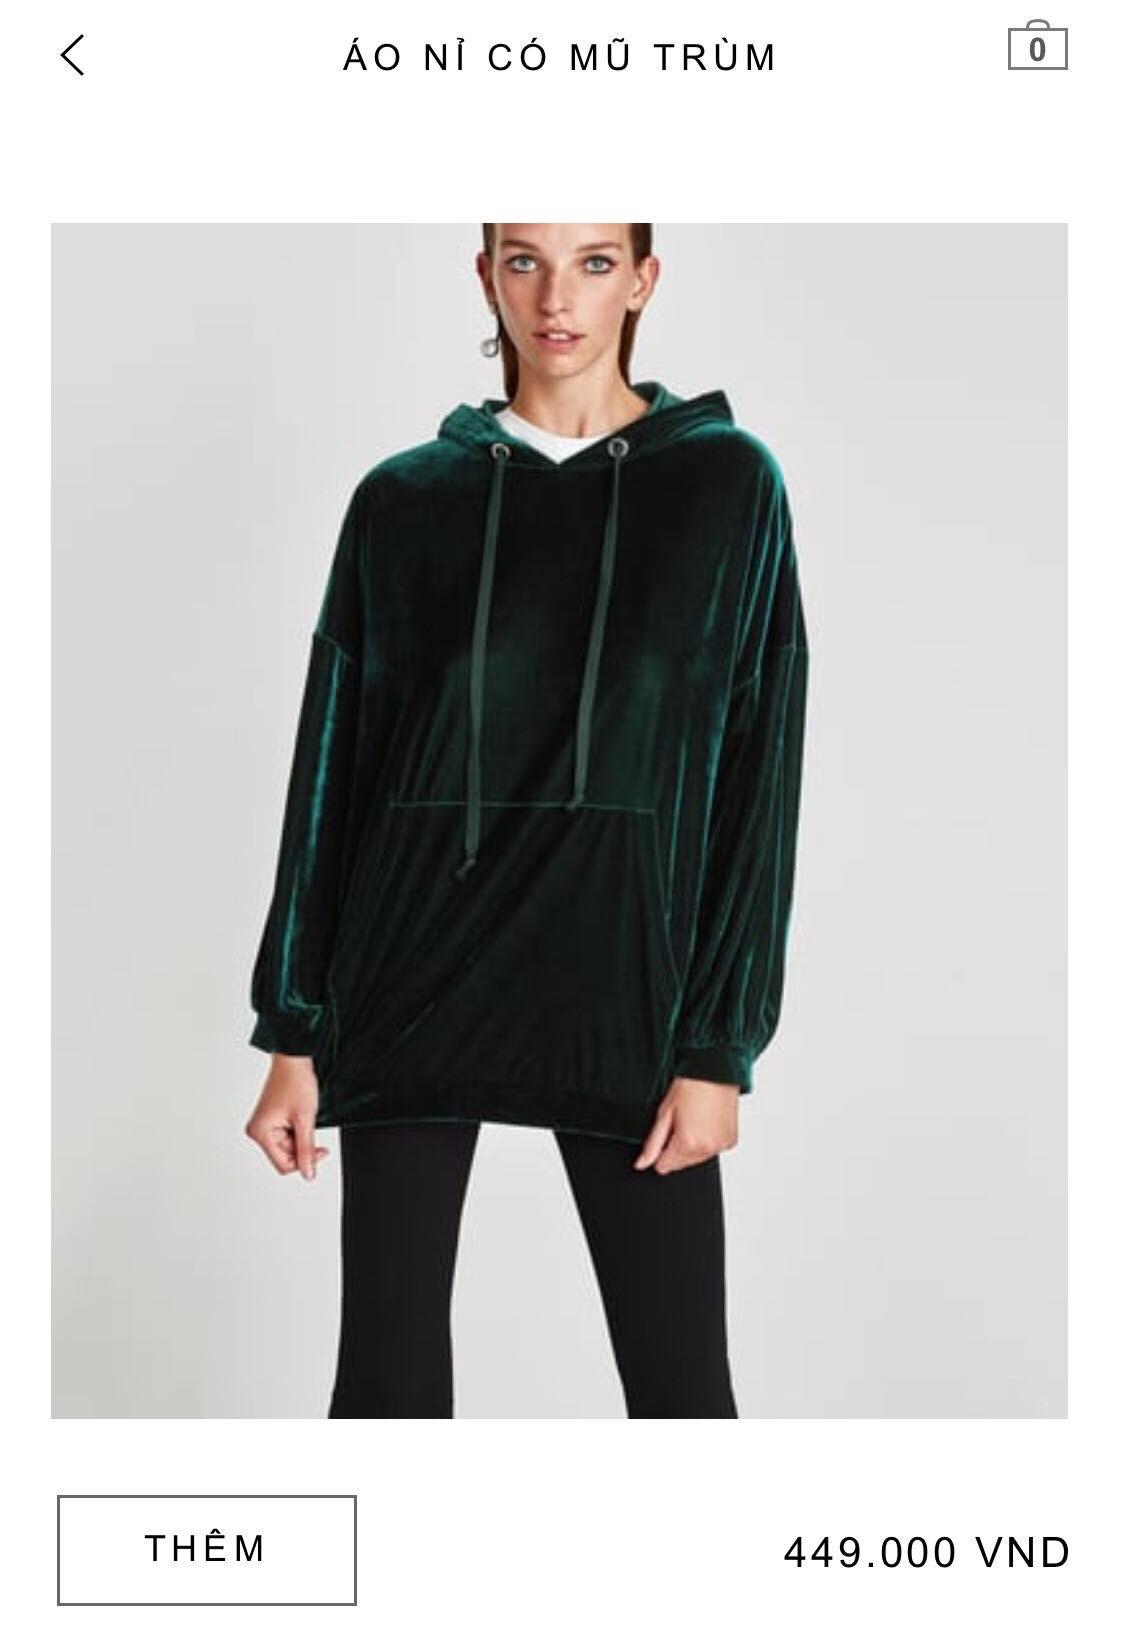 14 mẫu áo len, áo nỉ dưới 500.000 VNĐ xinh xắn, trendy đáng sắm nhất đợt sale này của Zara - Ảnh 12.